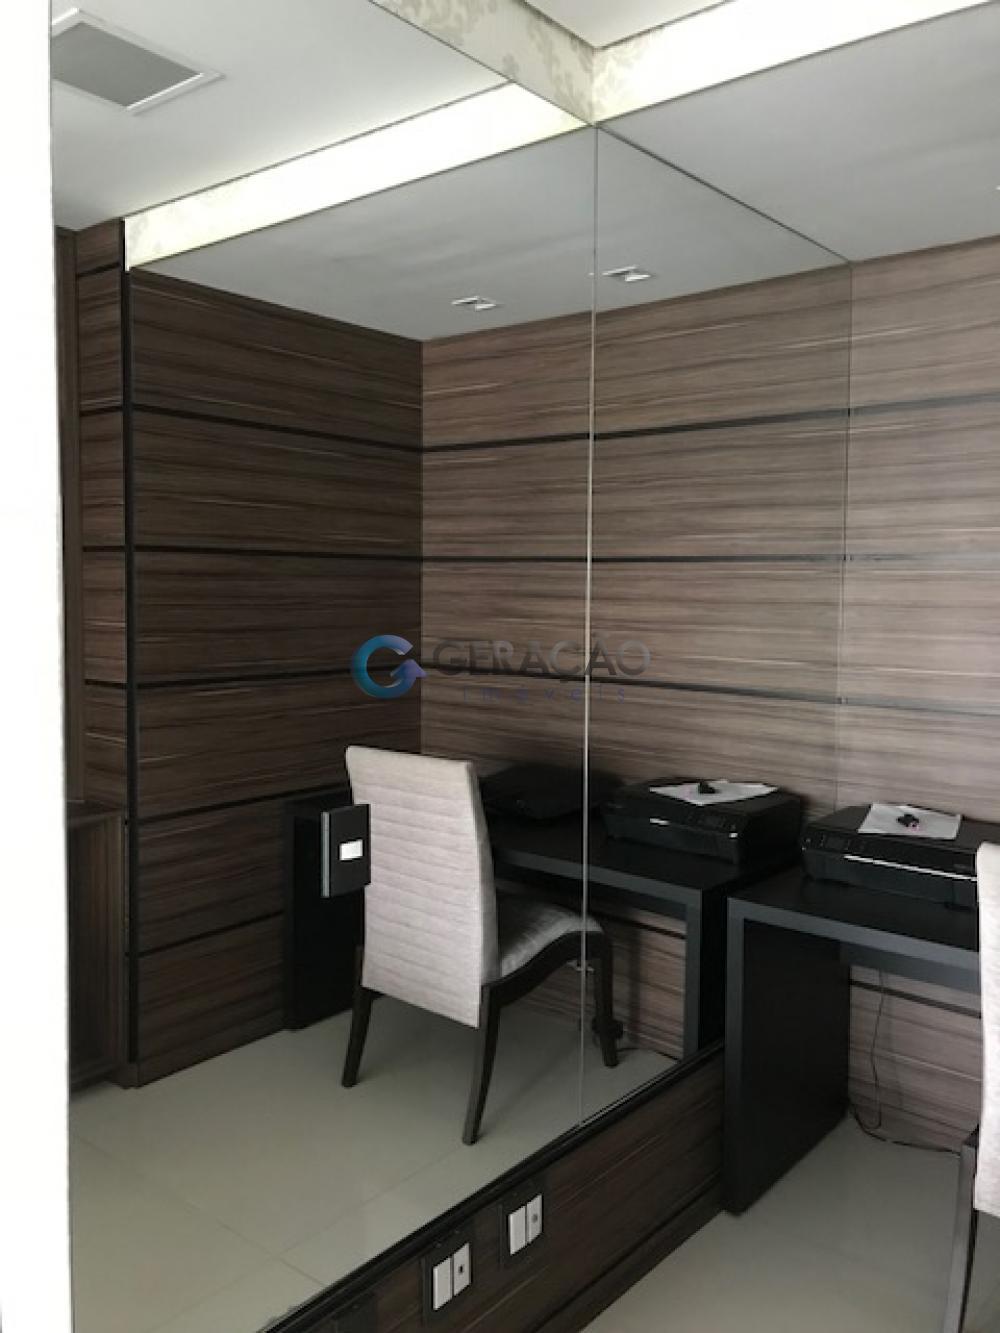 Comprar Apartamento / Padrão em São José dos Campos apenas R$ 1.300.000,00 - Foto 17